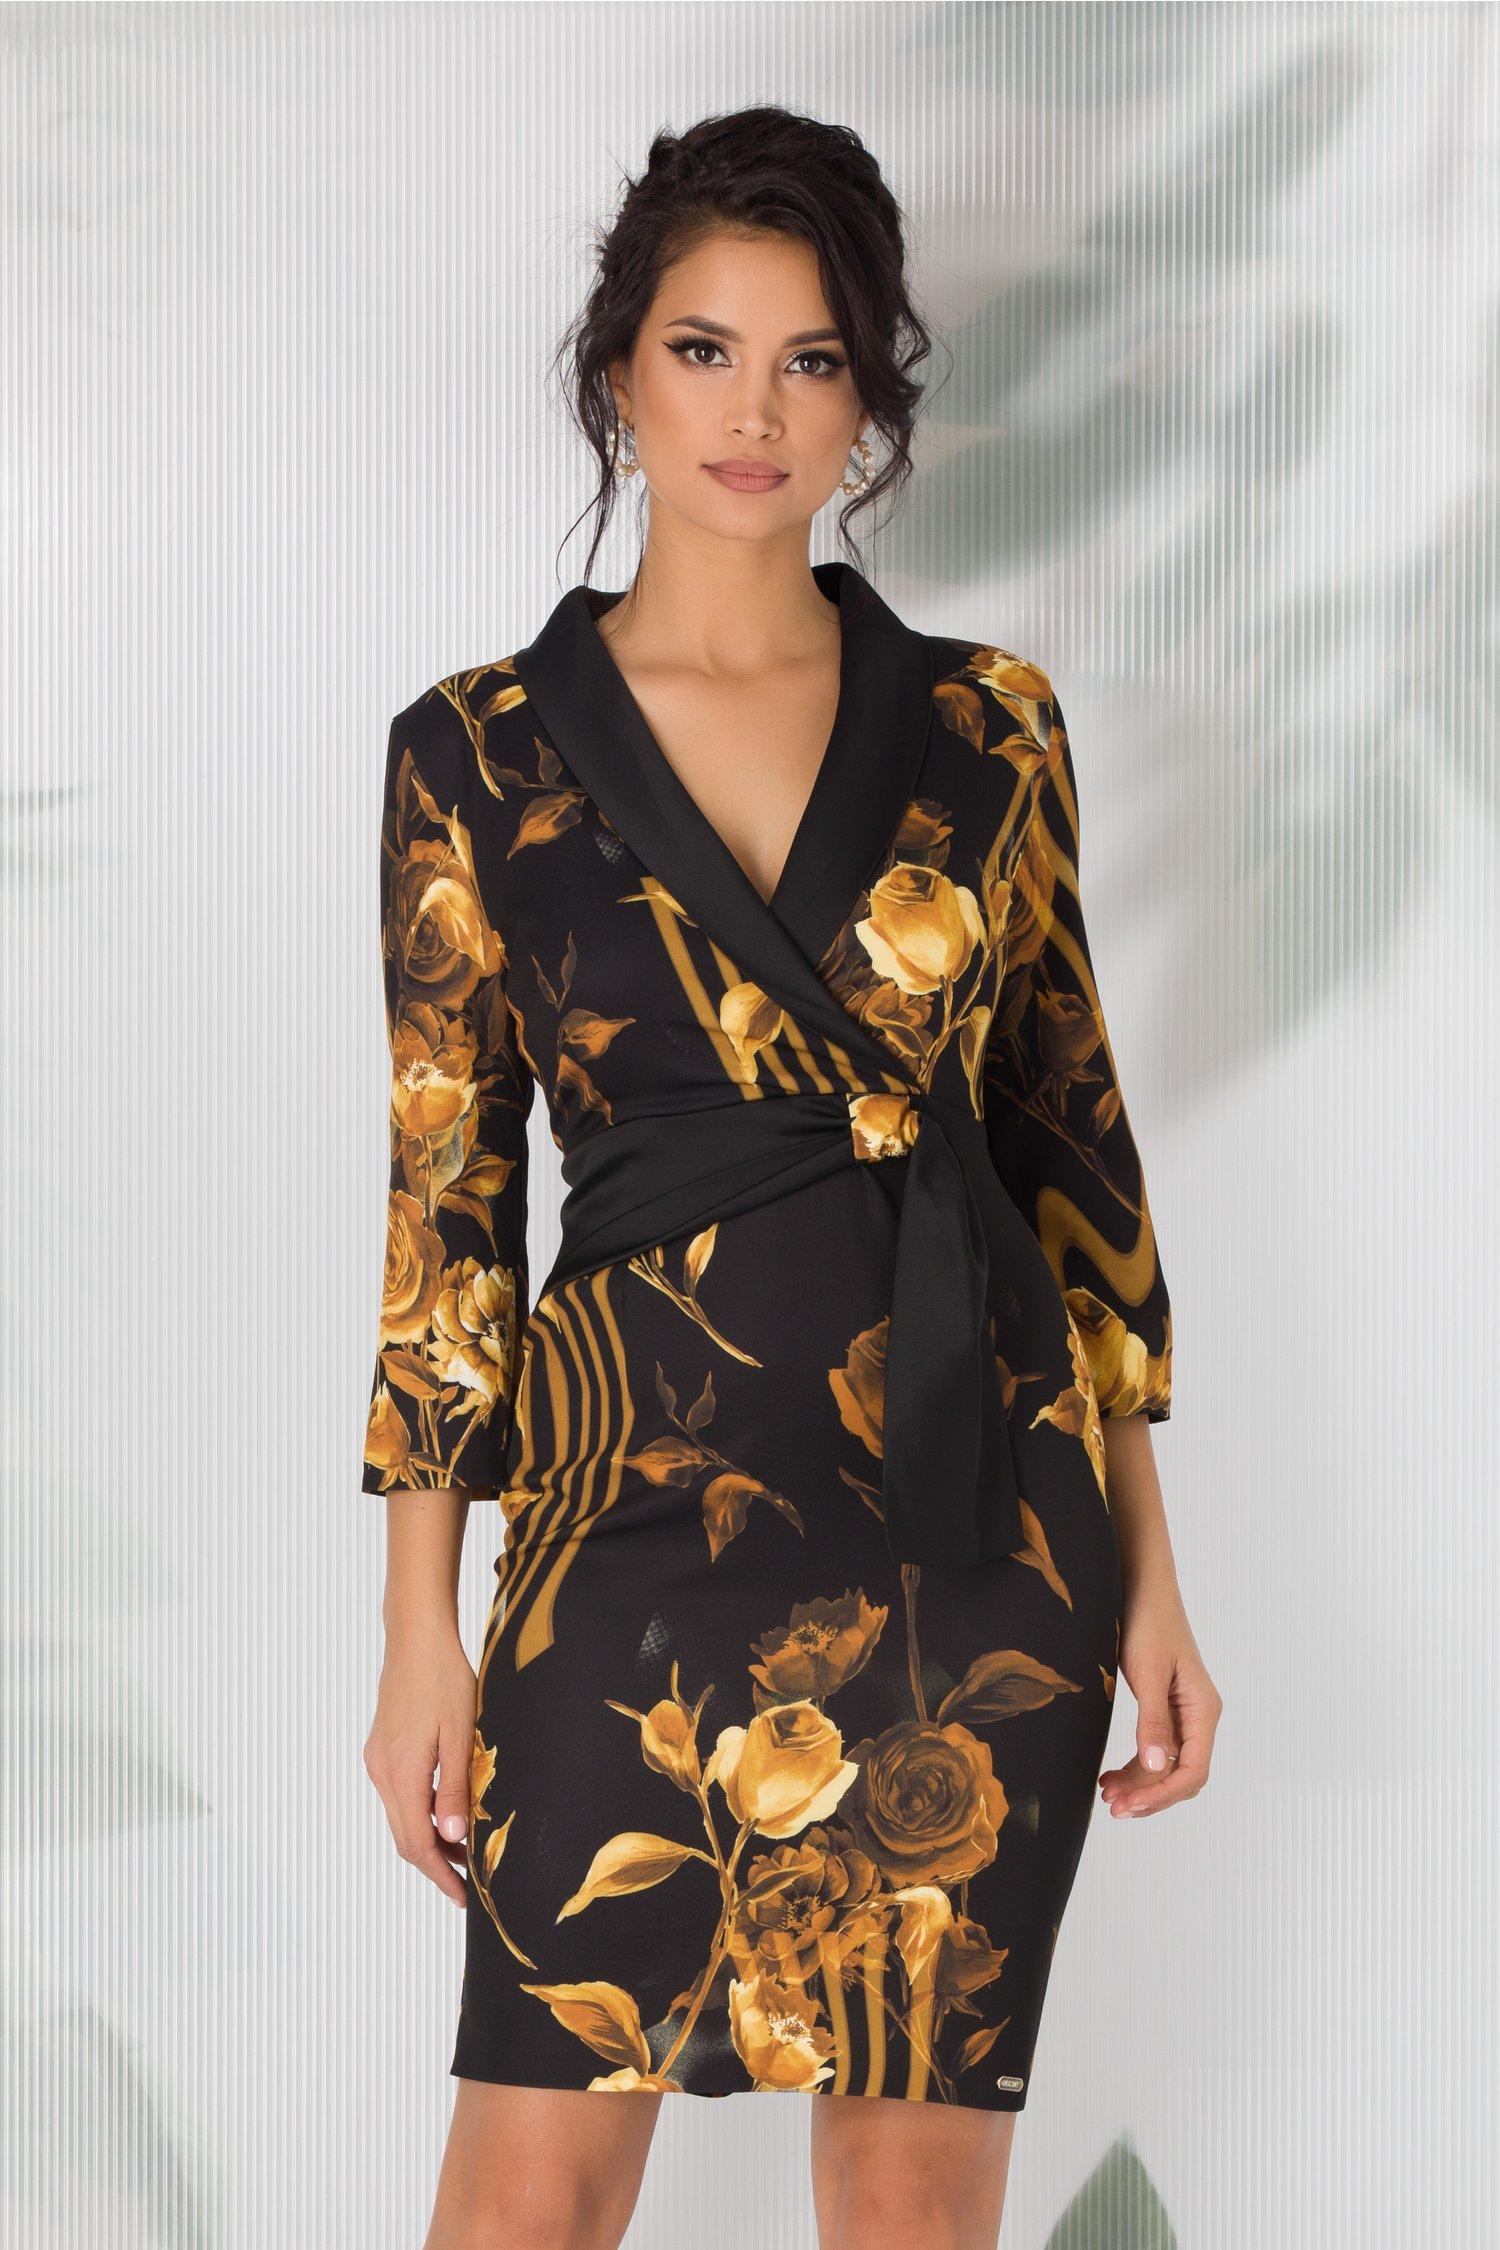 Rochie Anaya neagra cu imprimeu floral galben mustar